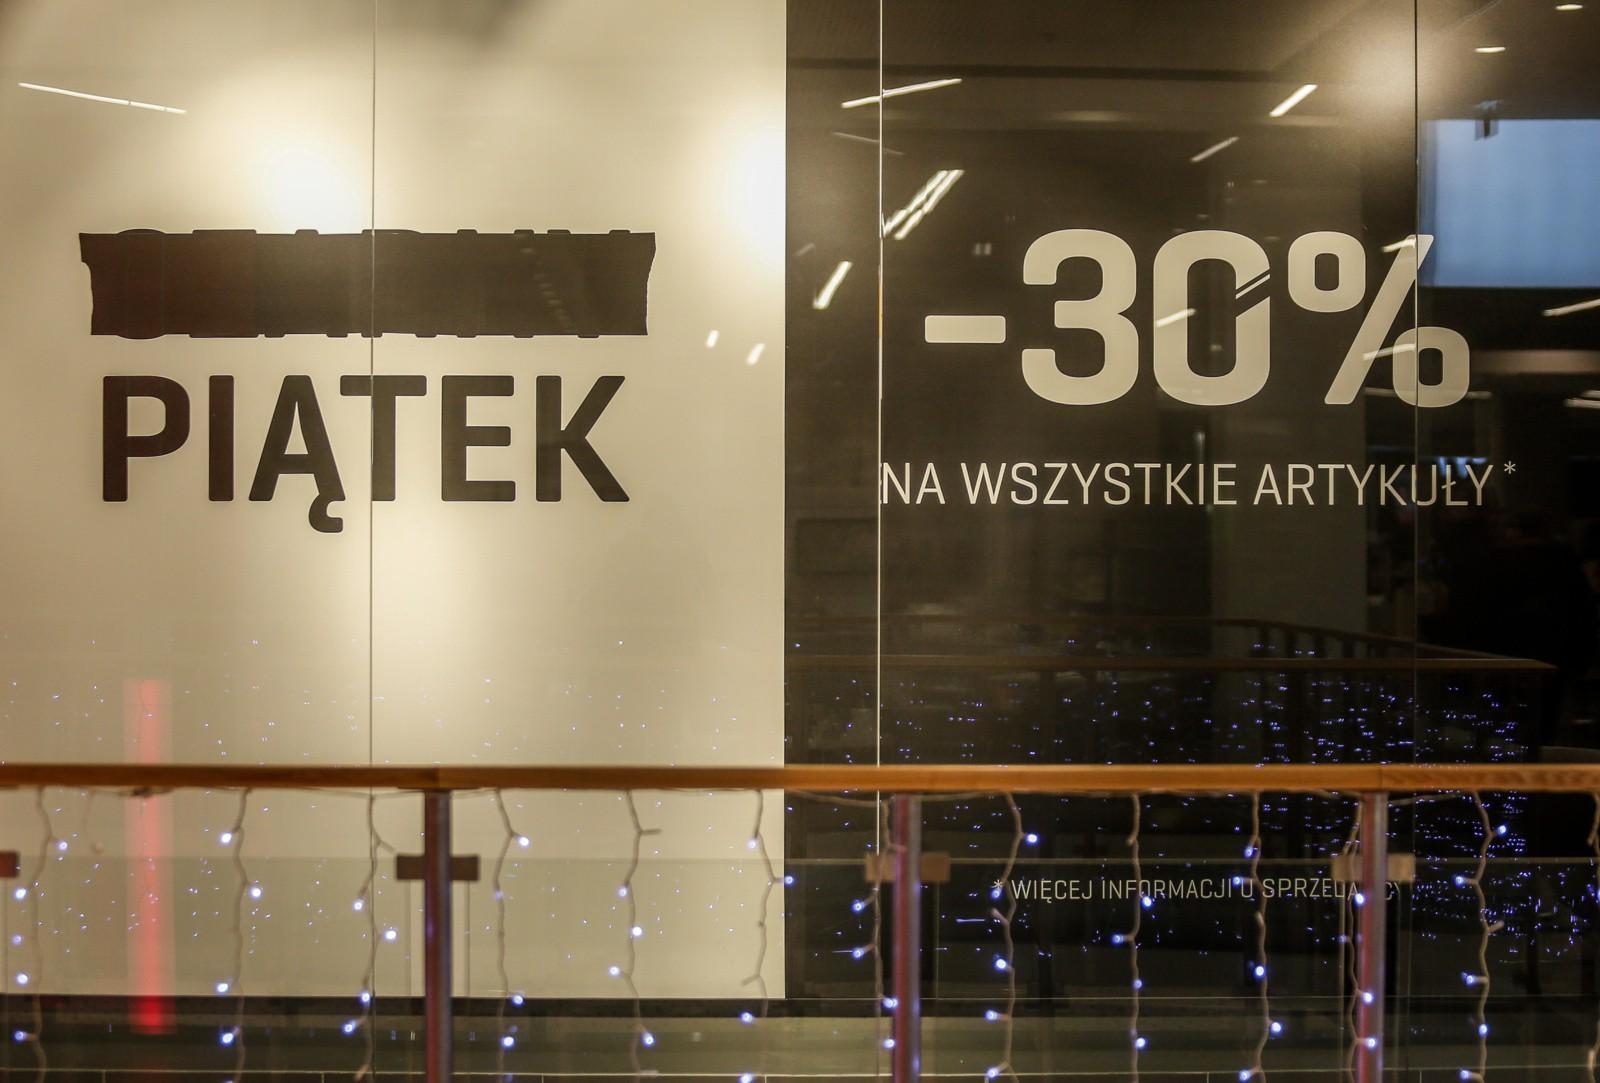 9763396de8 Black Friday - PROMOCJE w sklepach. Sprawdź ofertę Black Friday w  największych sieciach - Gazetawroclawska.pl